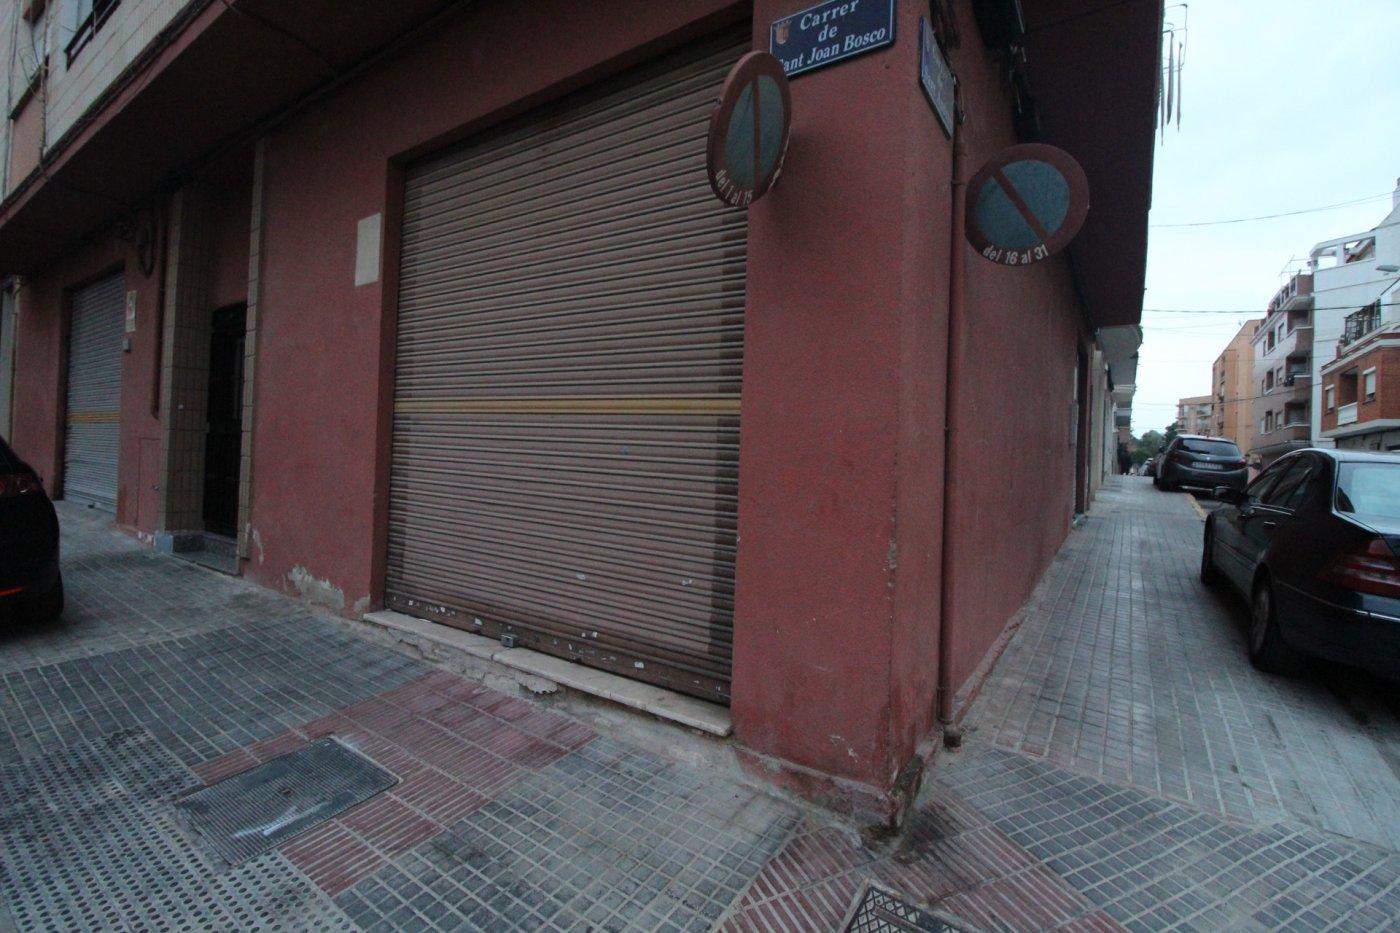 Location Local commercial  Paterna ,alborgí. Bajo en alquiler en alborgi